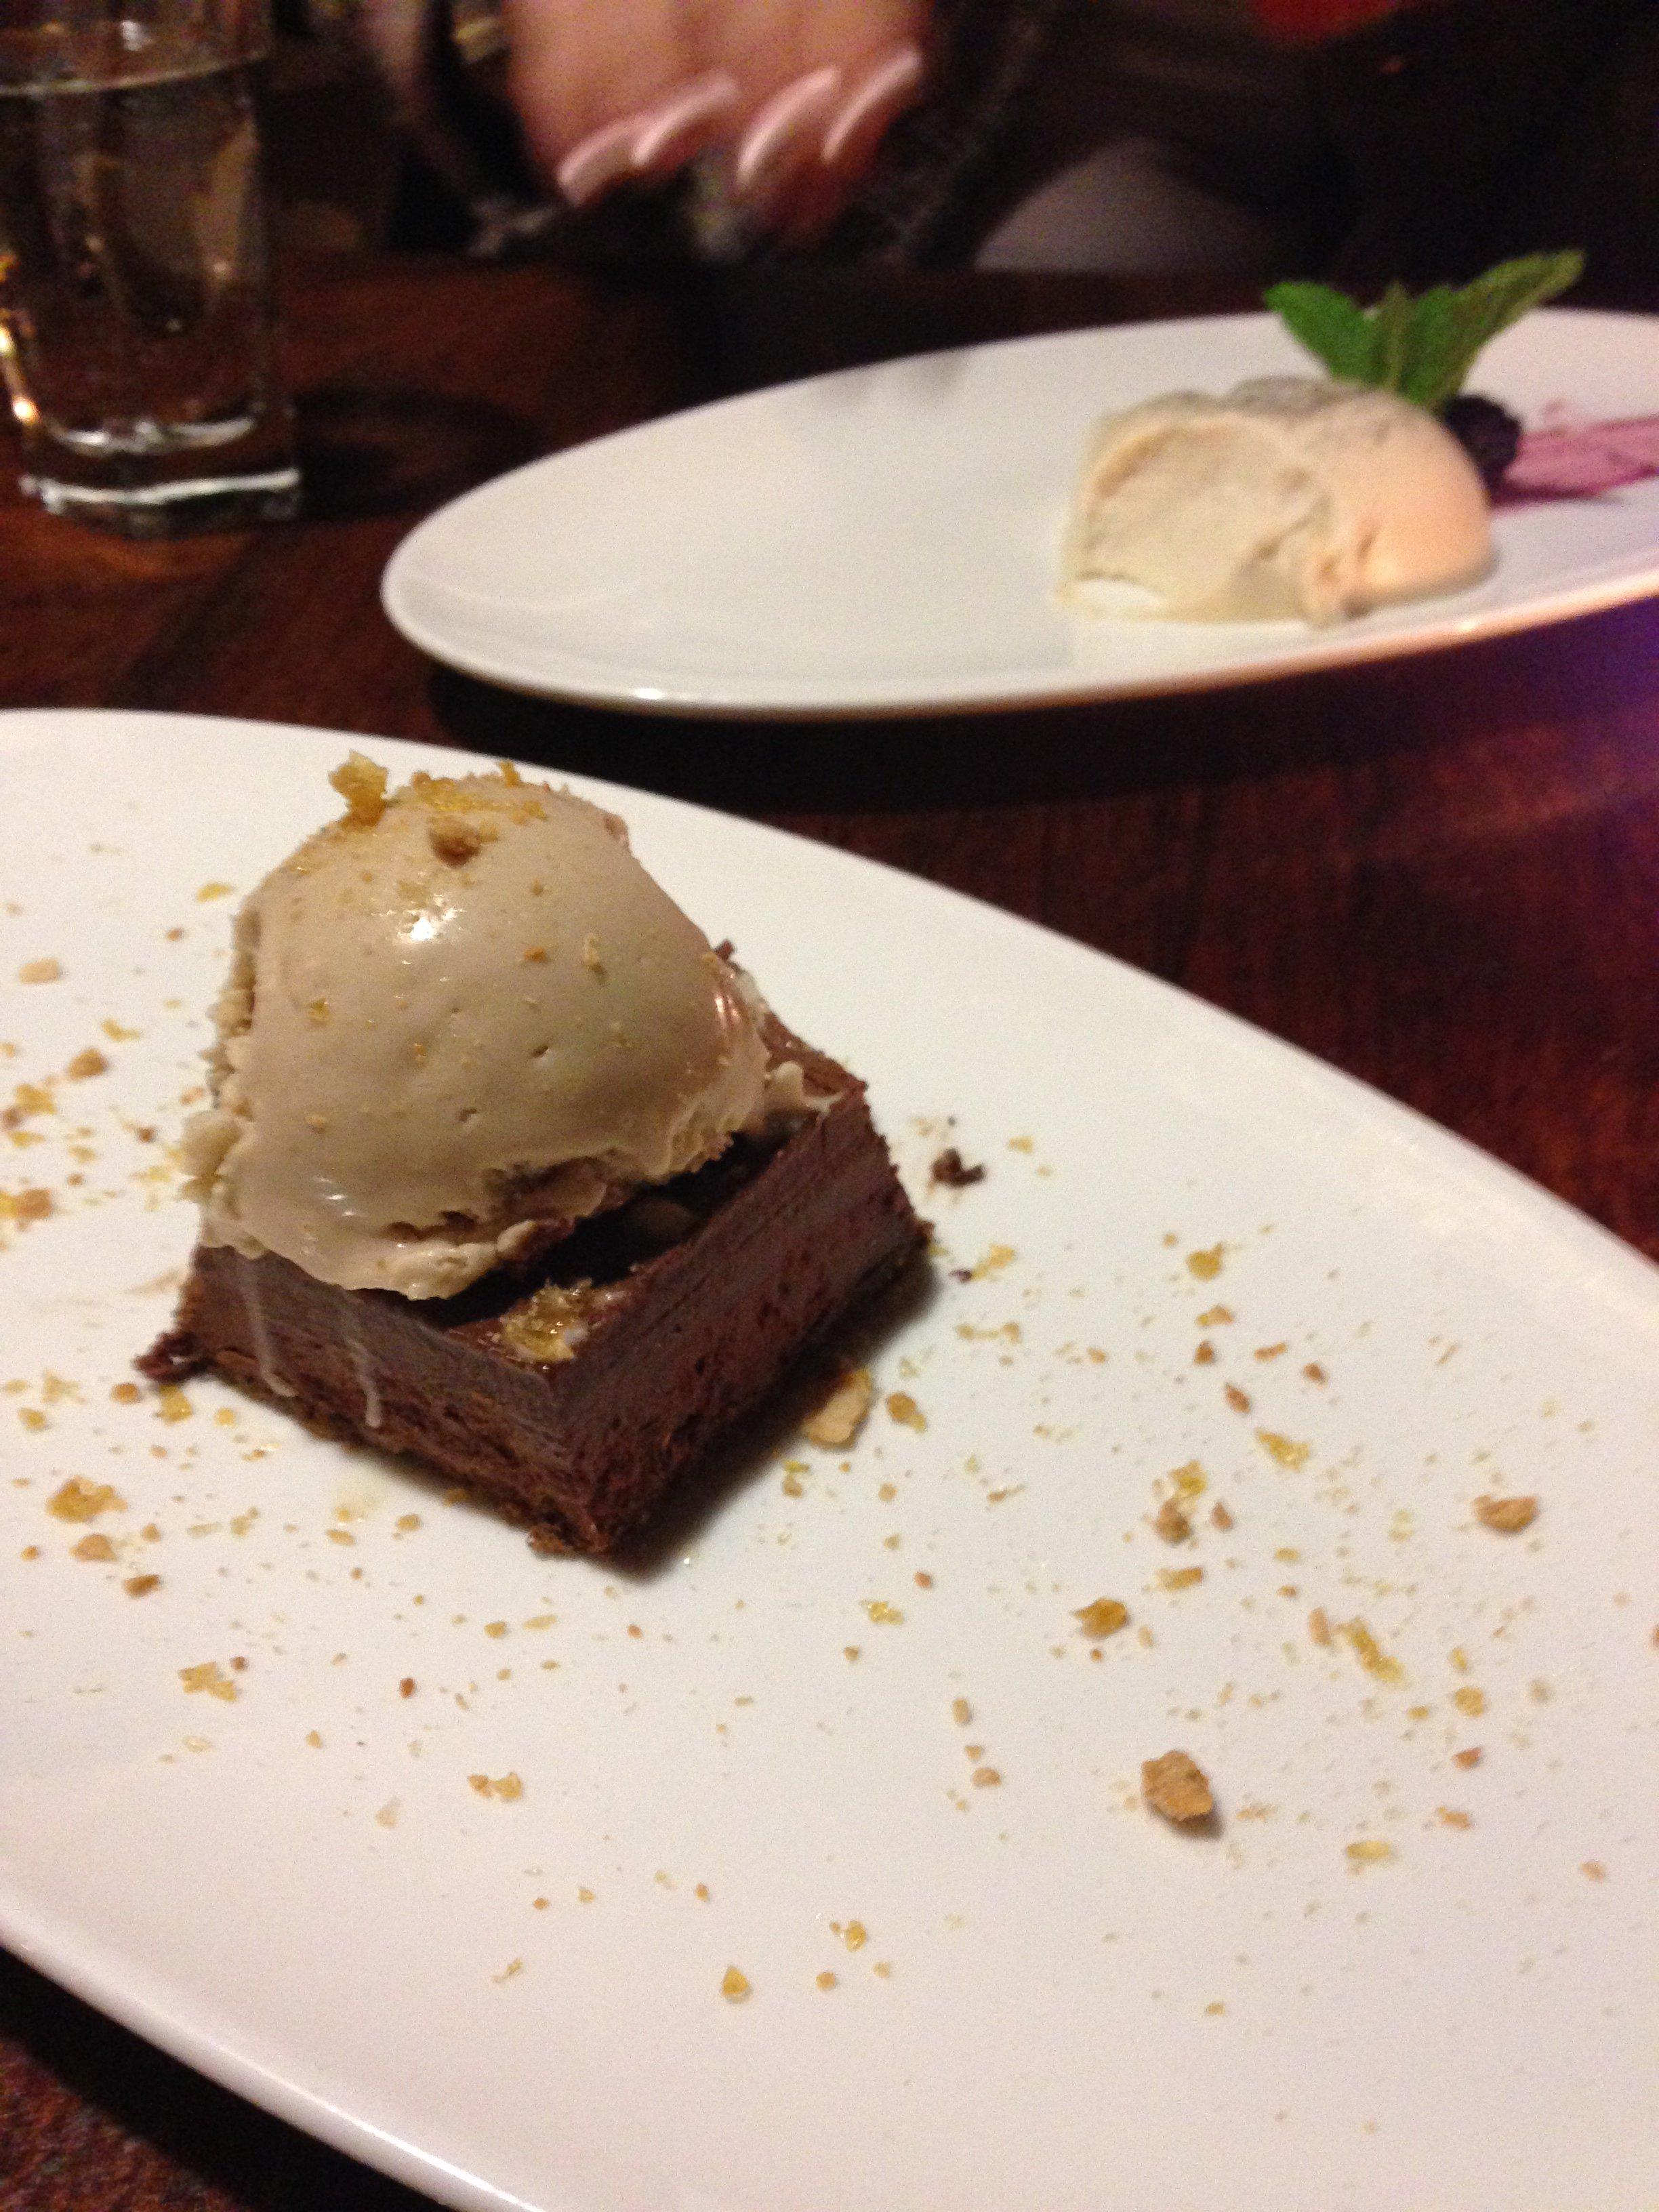 Chocolate & Hazelnut and Vanilla Bean Panna Cotta